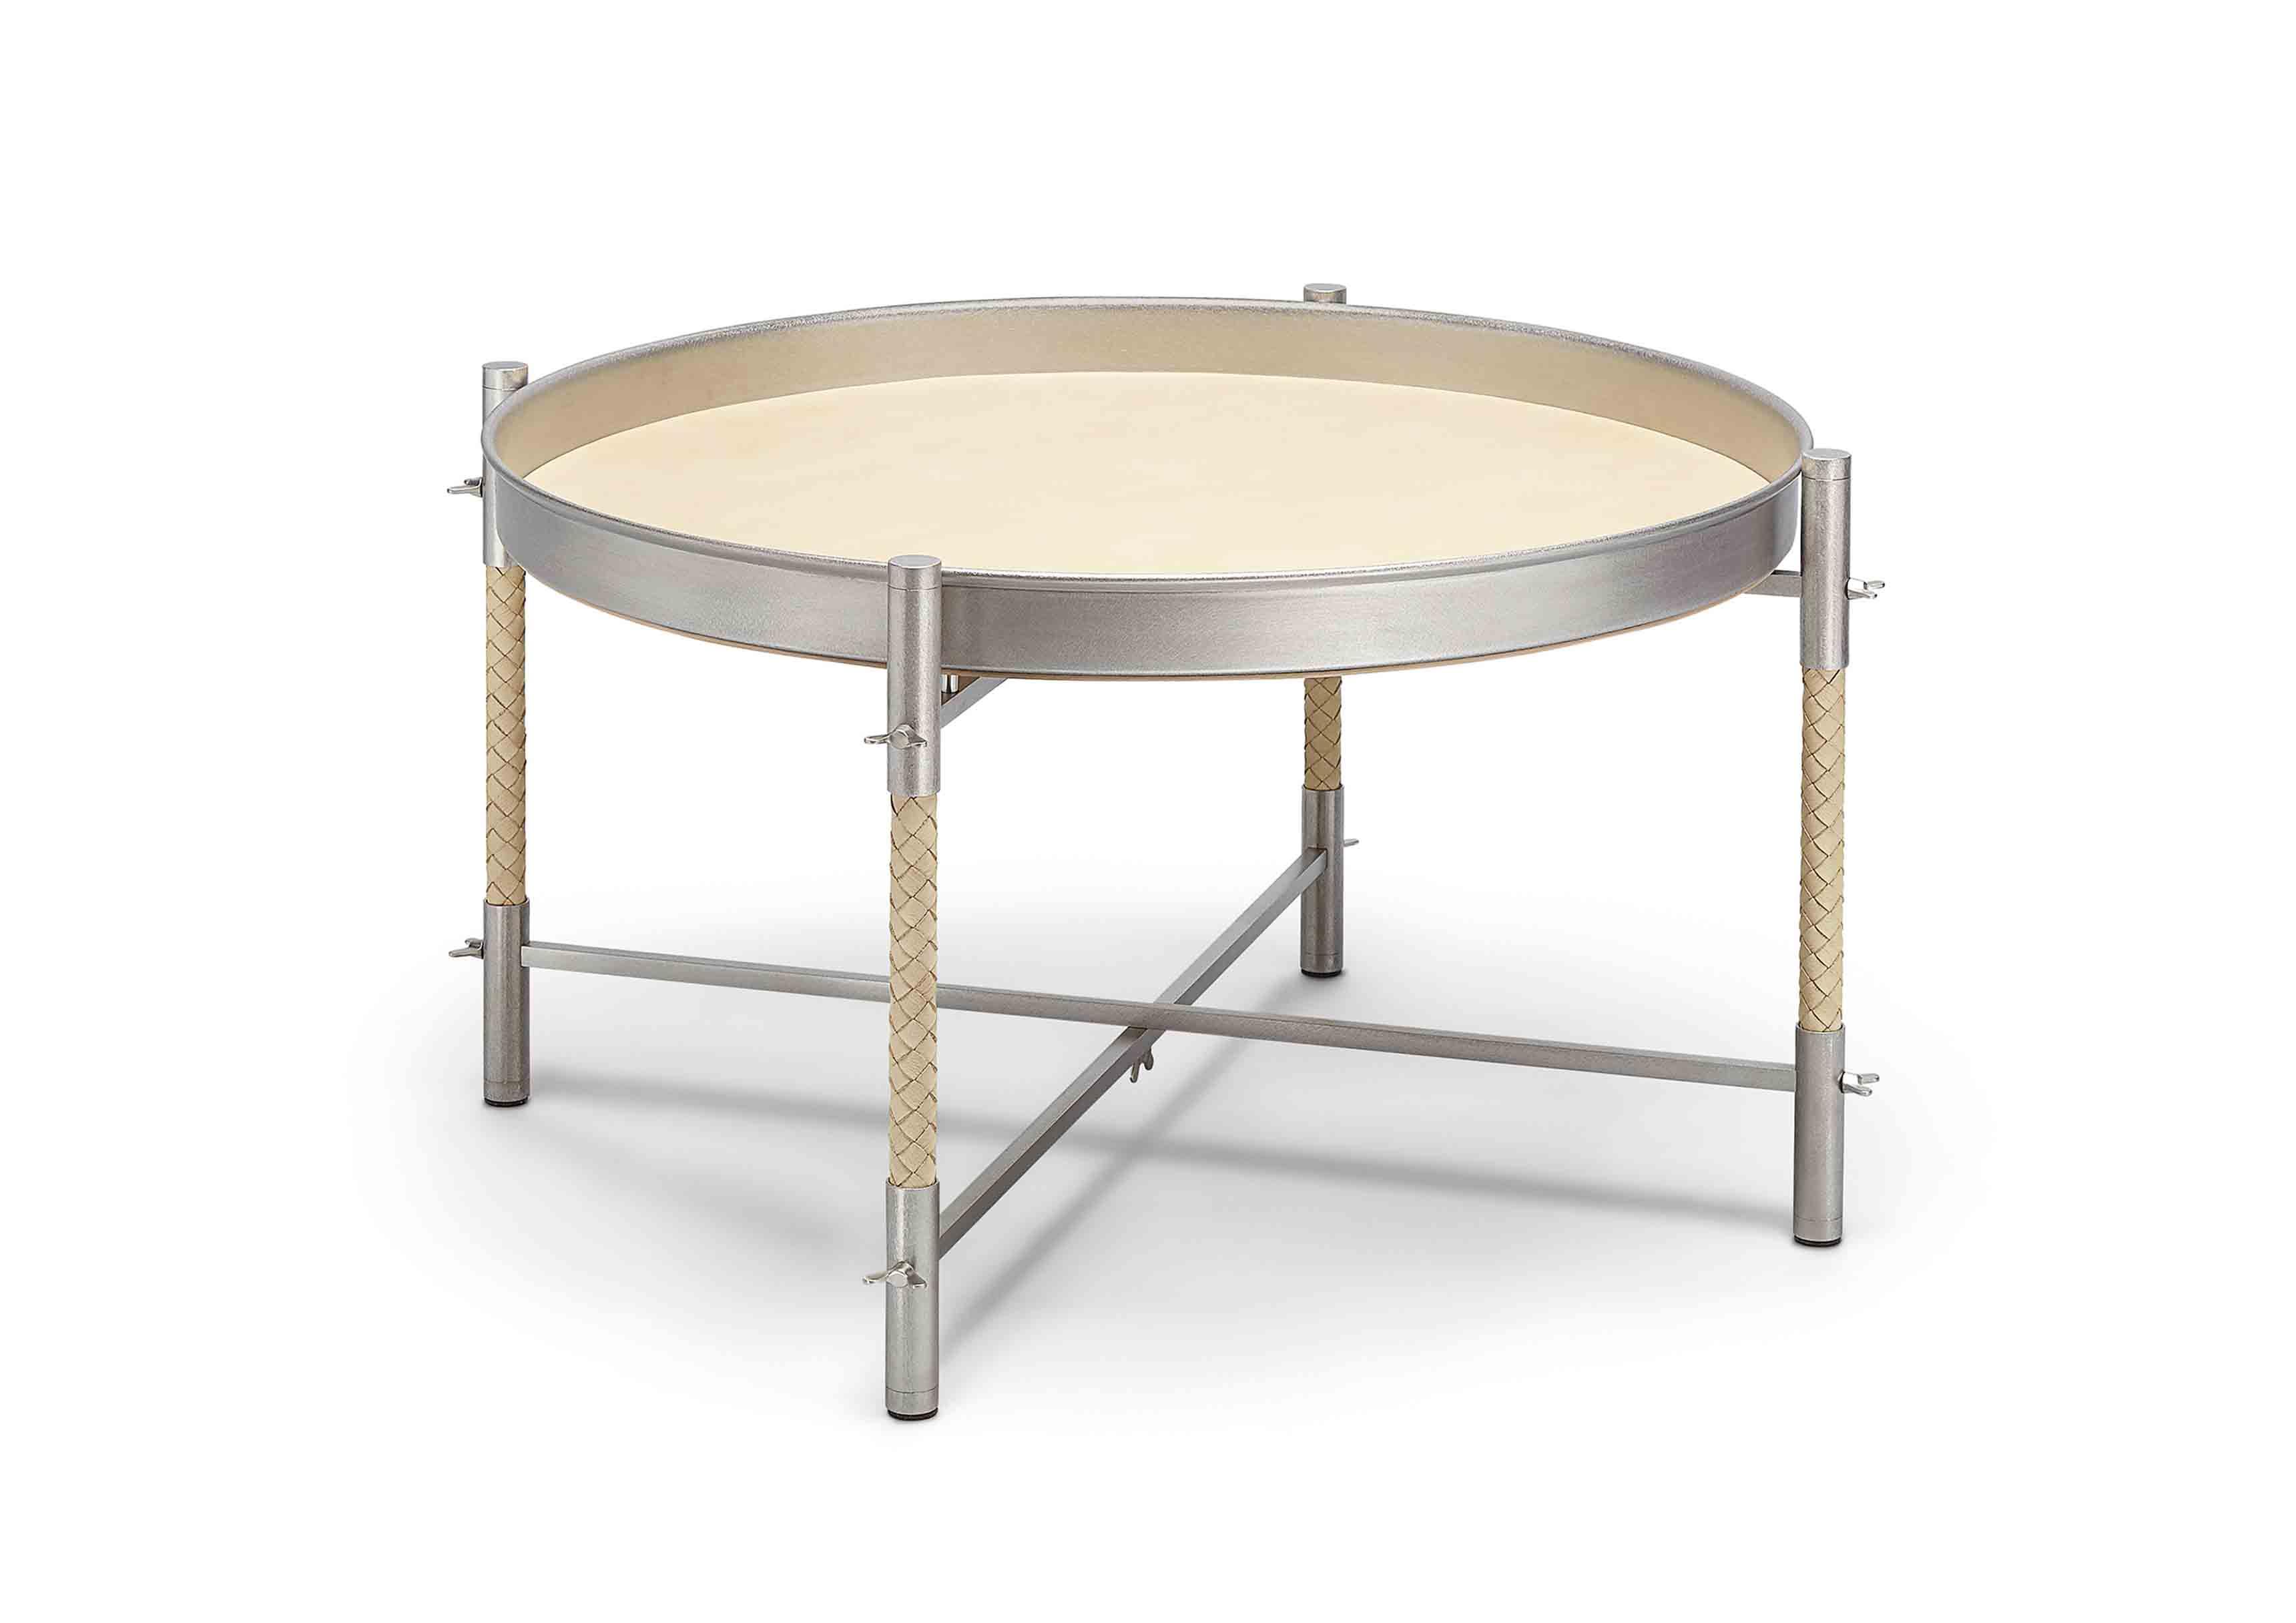 Petite table circulaire issue de la nouvelle collection Maison de Bottega Veneta, à l'occasion du Salone del Mobile de Milan.